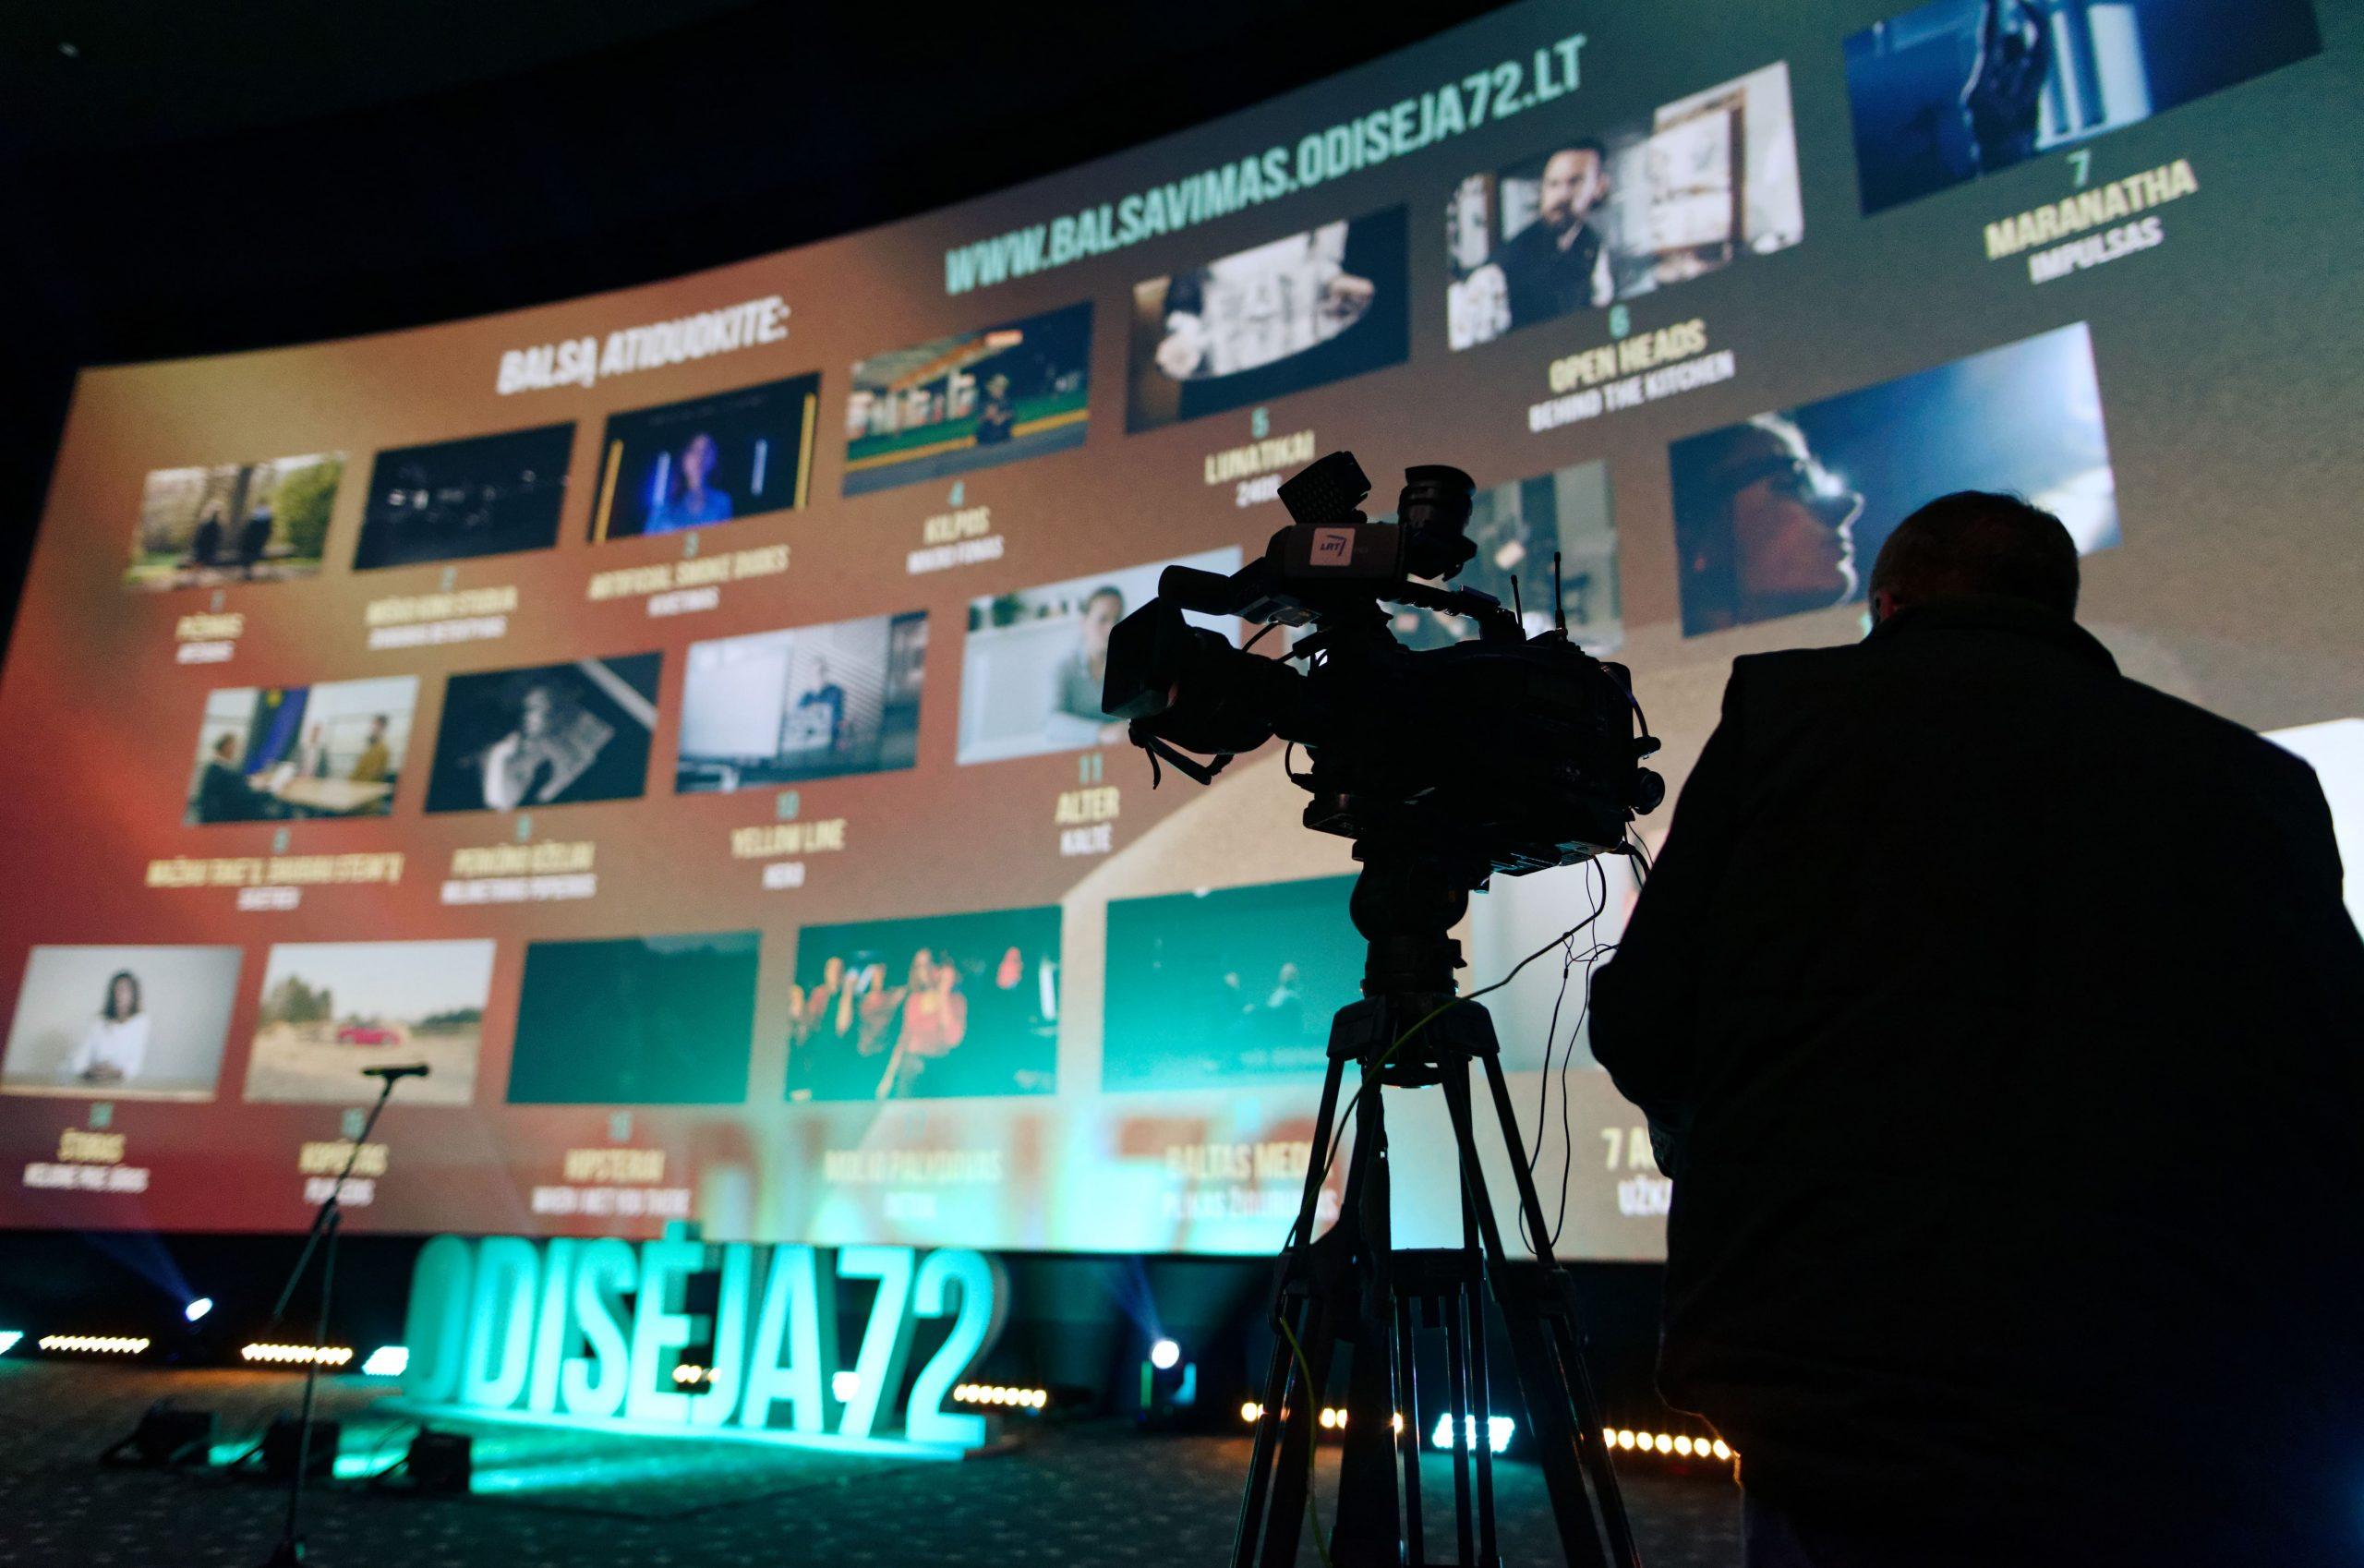 Filmų kūrimo festivalis ODISĖJA72 kviečia dalyvauti 2021 metų renginiuose